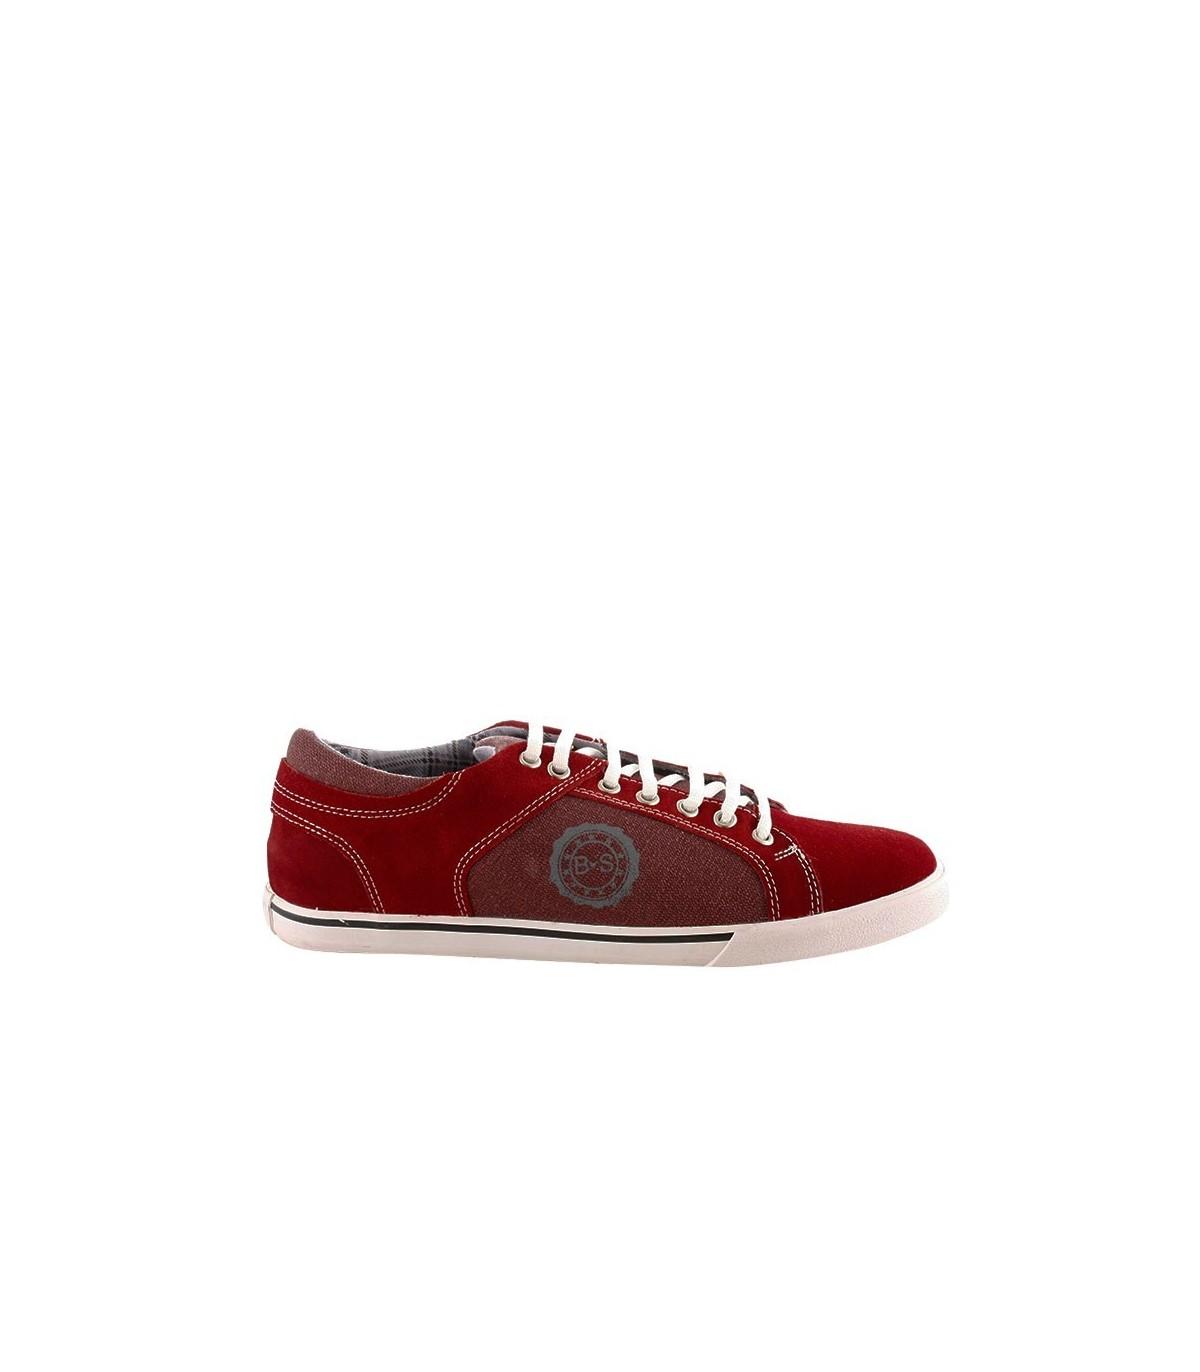 f9a2105823dc1 Zapatillas urbanas de gamuza rojol